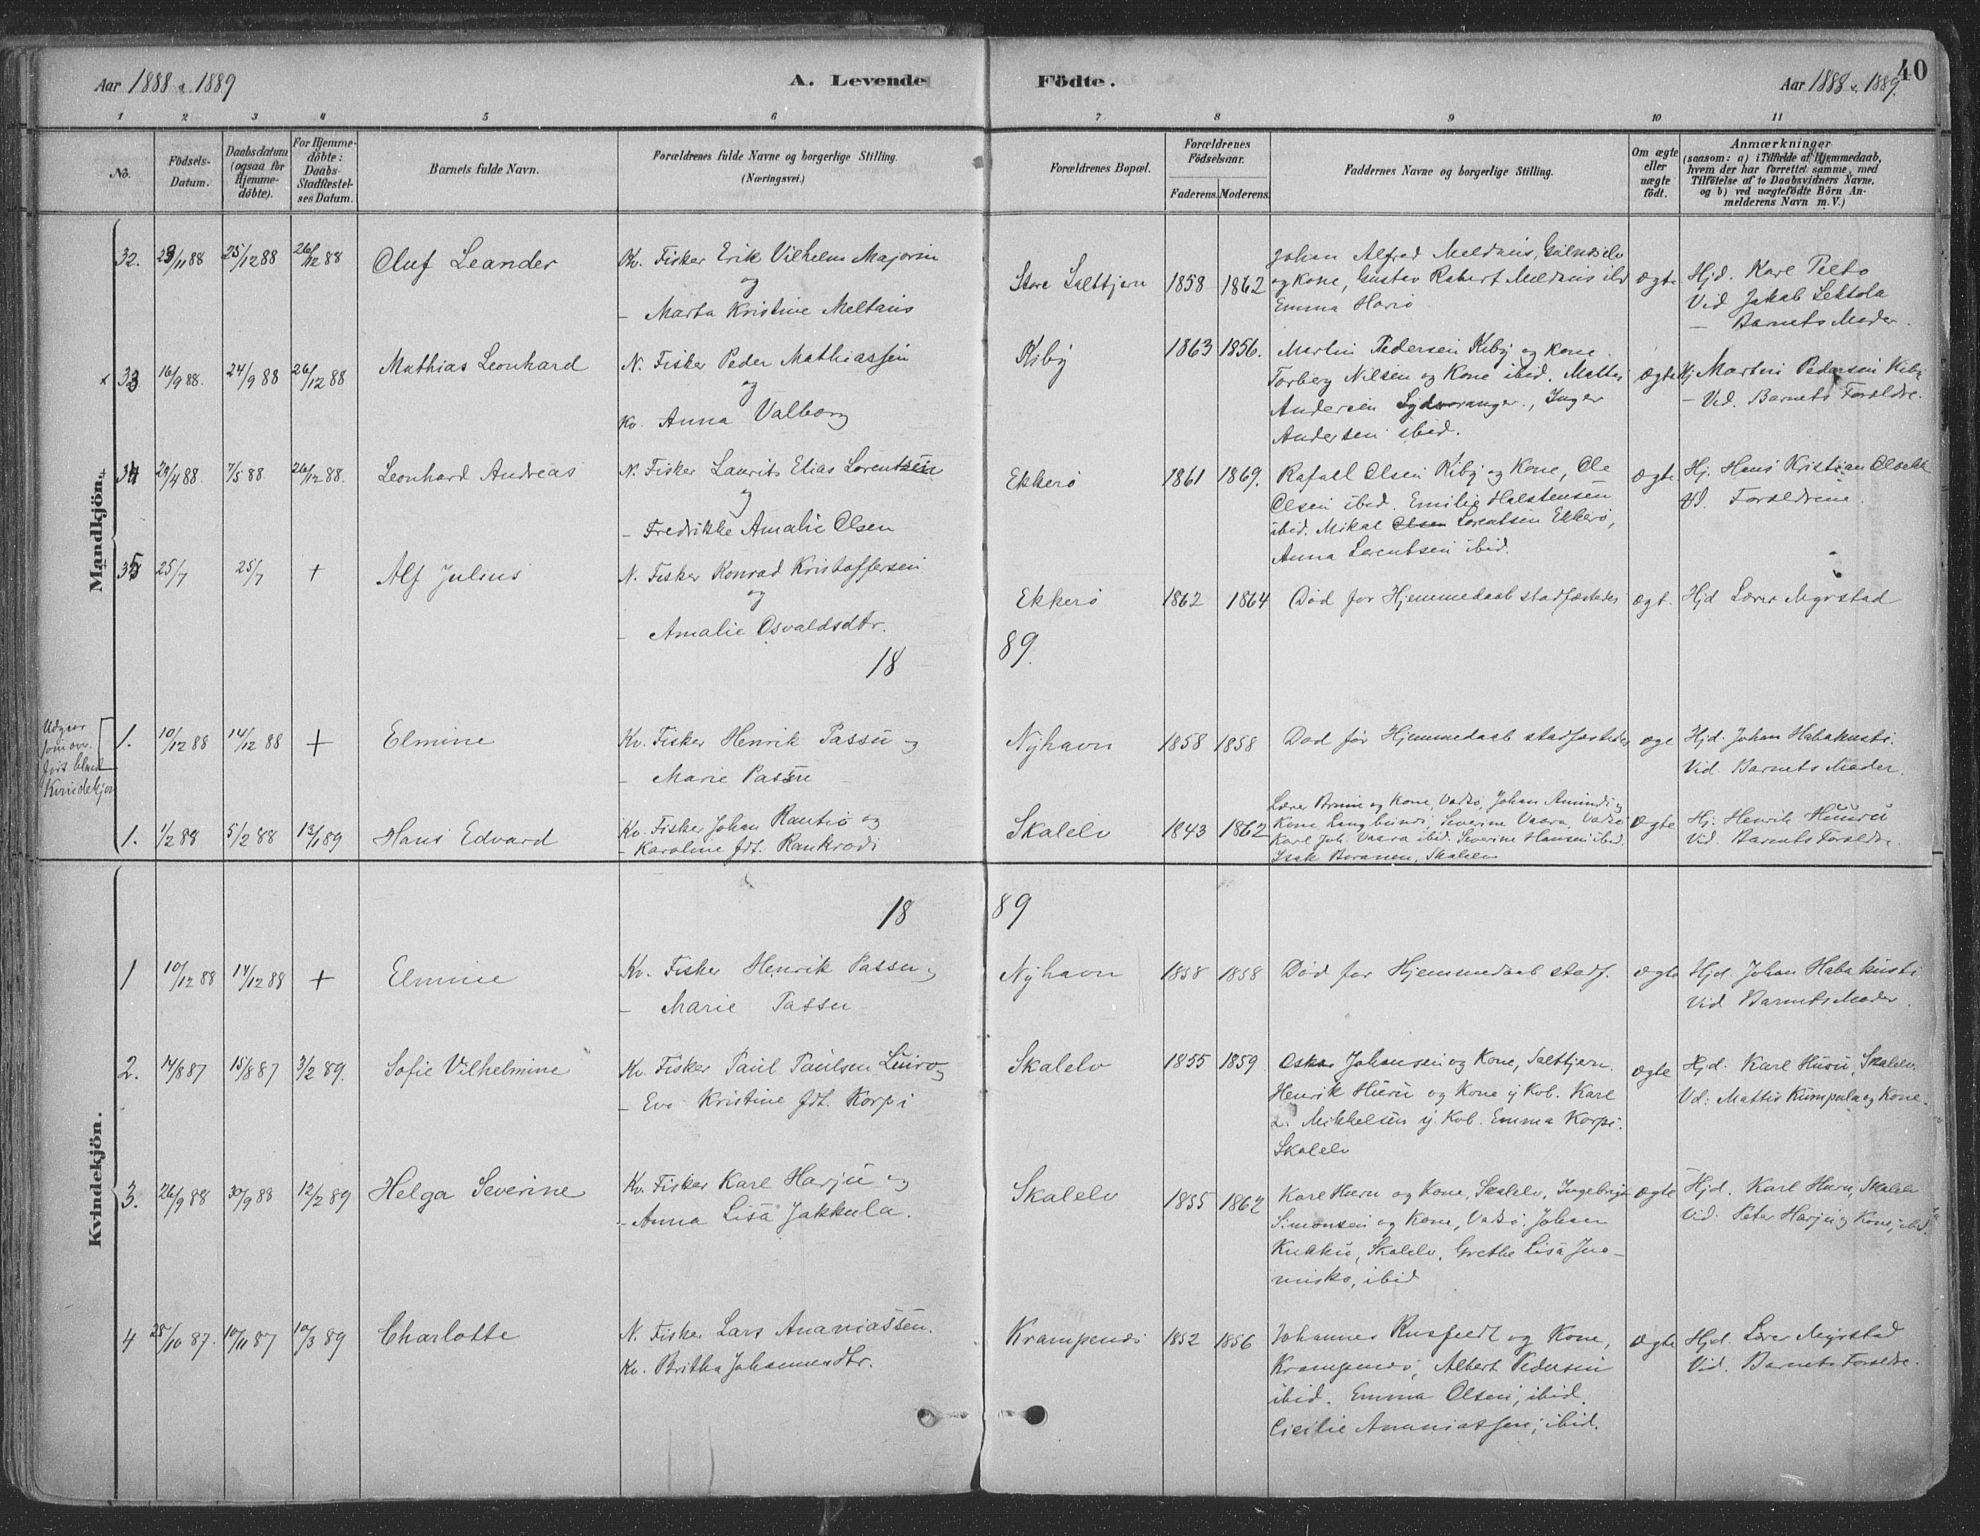 SATØ, Vadsø sokneprestkontor, H/Ha/L0009kirke: Ministerialbok nr. 9, 1881-1917, s. 40